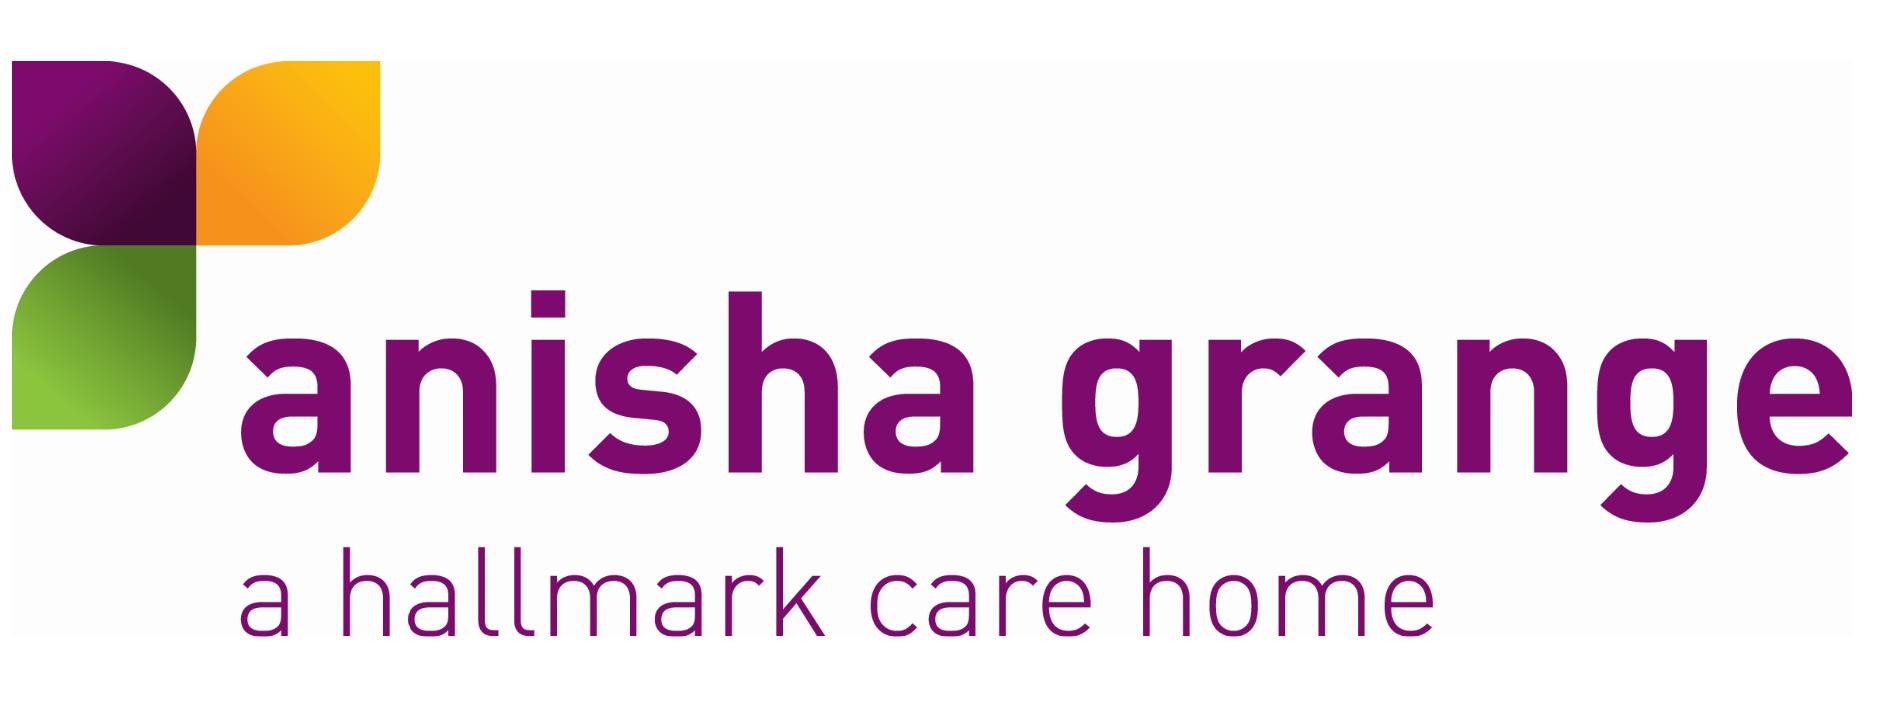 Anisha Grange Care Home logo